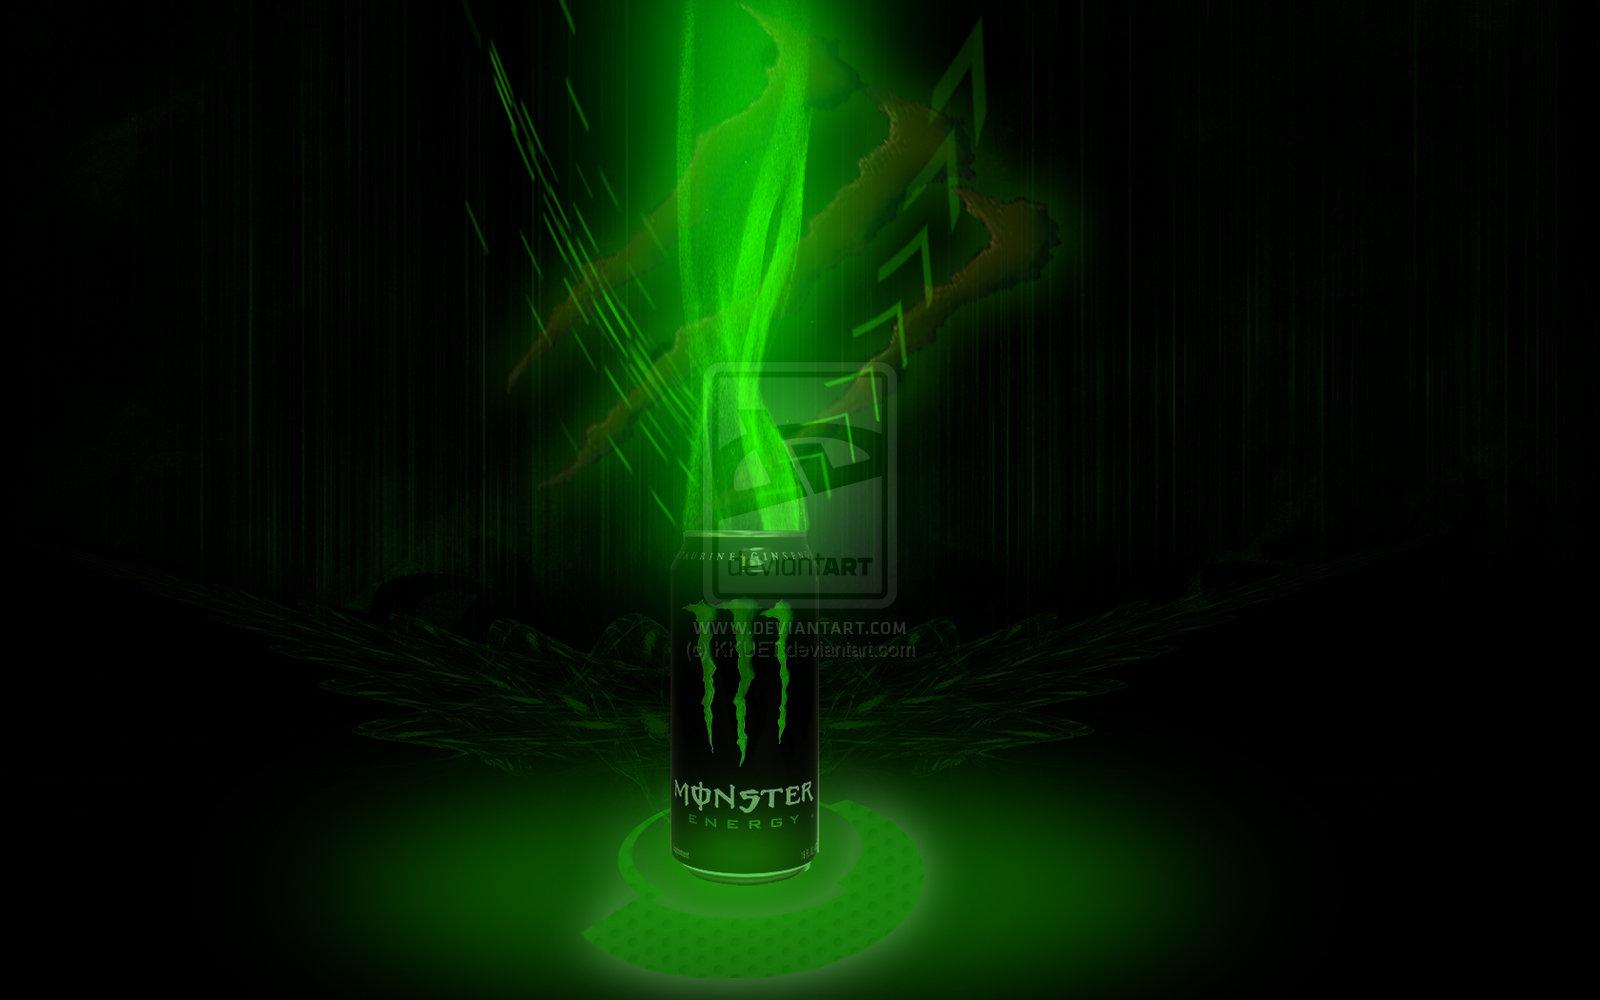 MONSTER ENERGY DRINK Monster 1600x1000